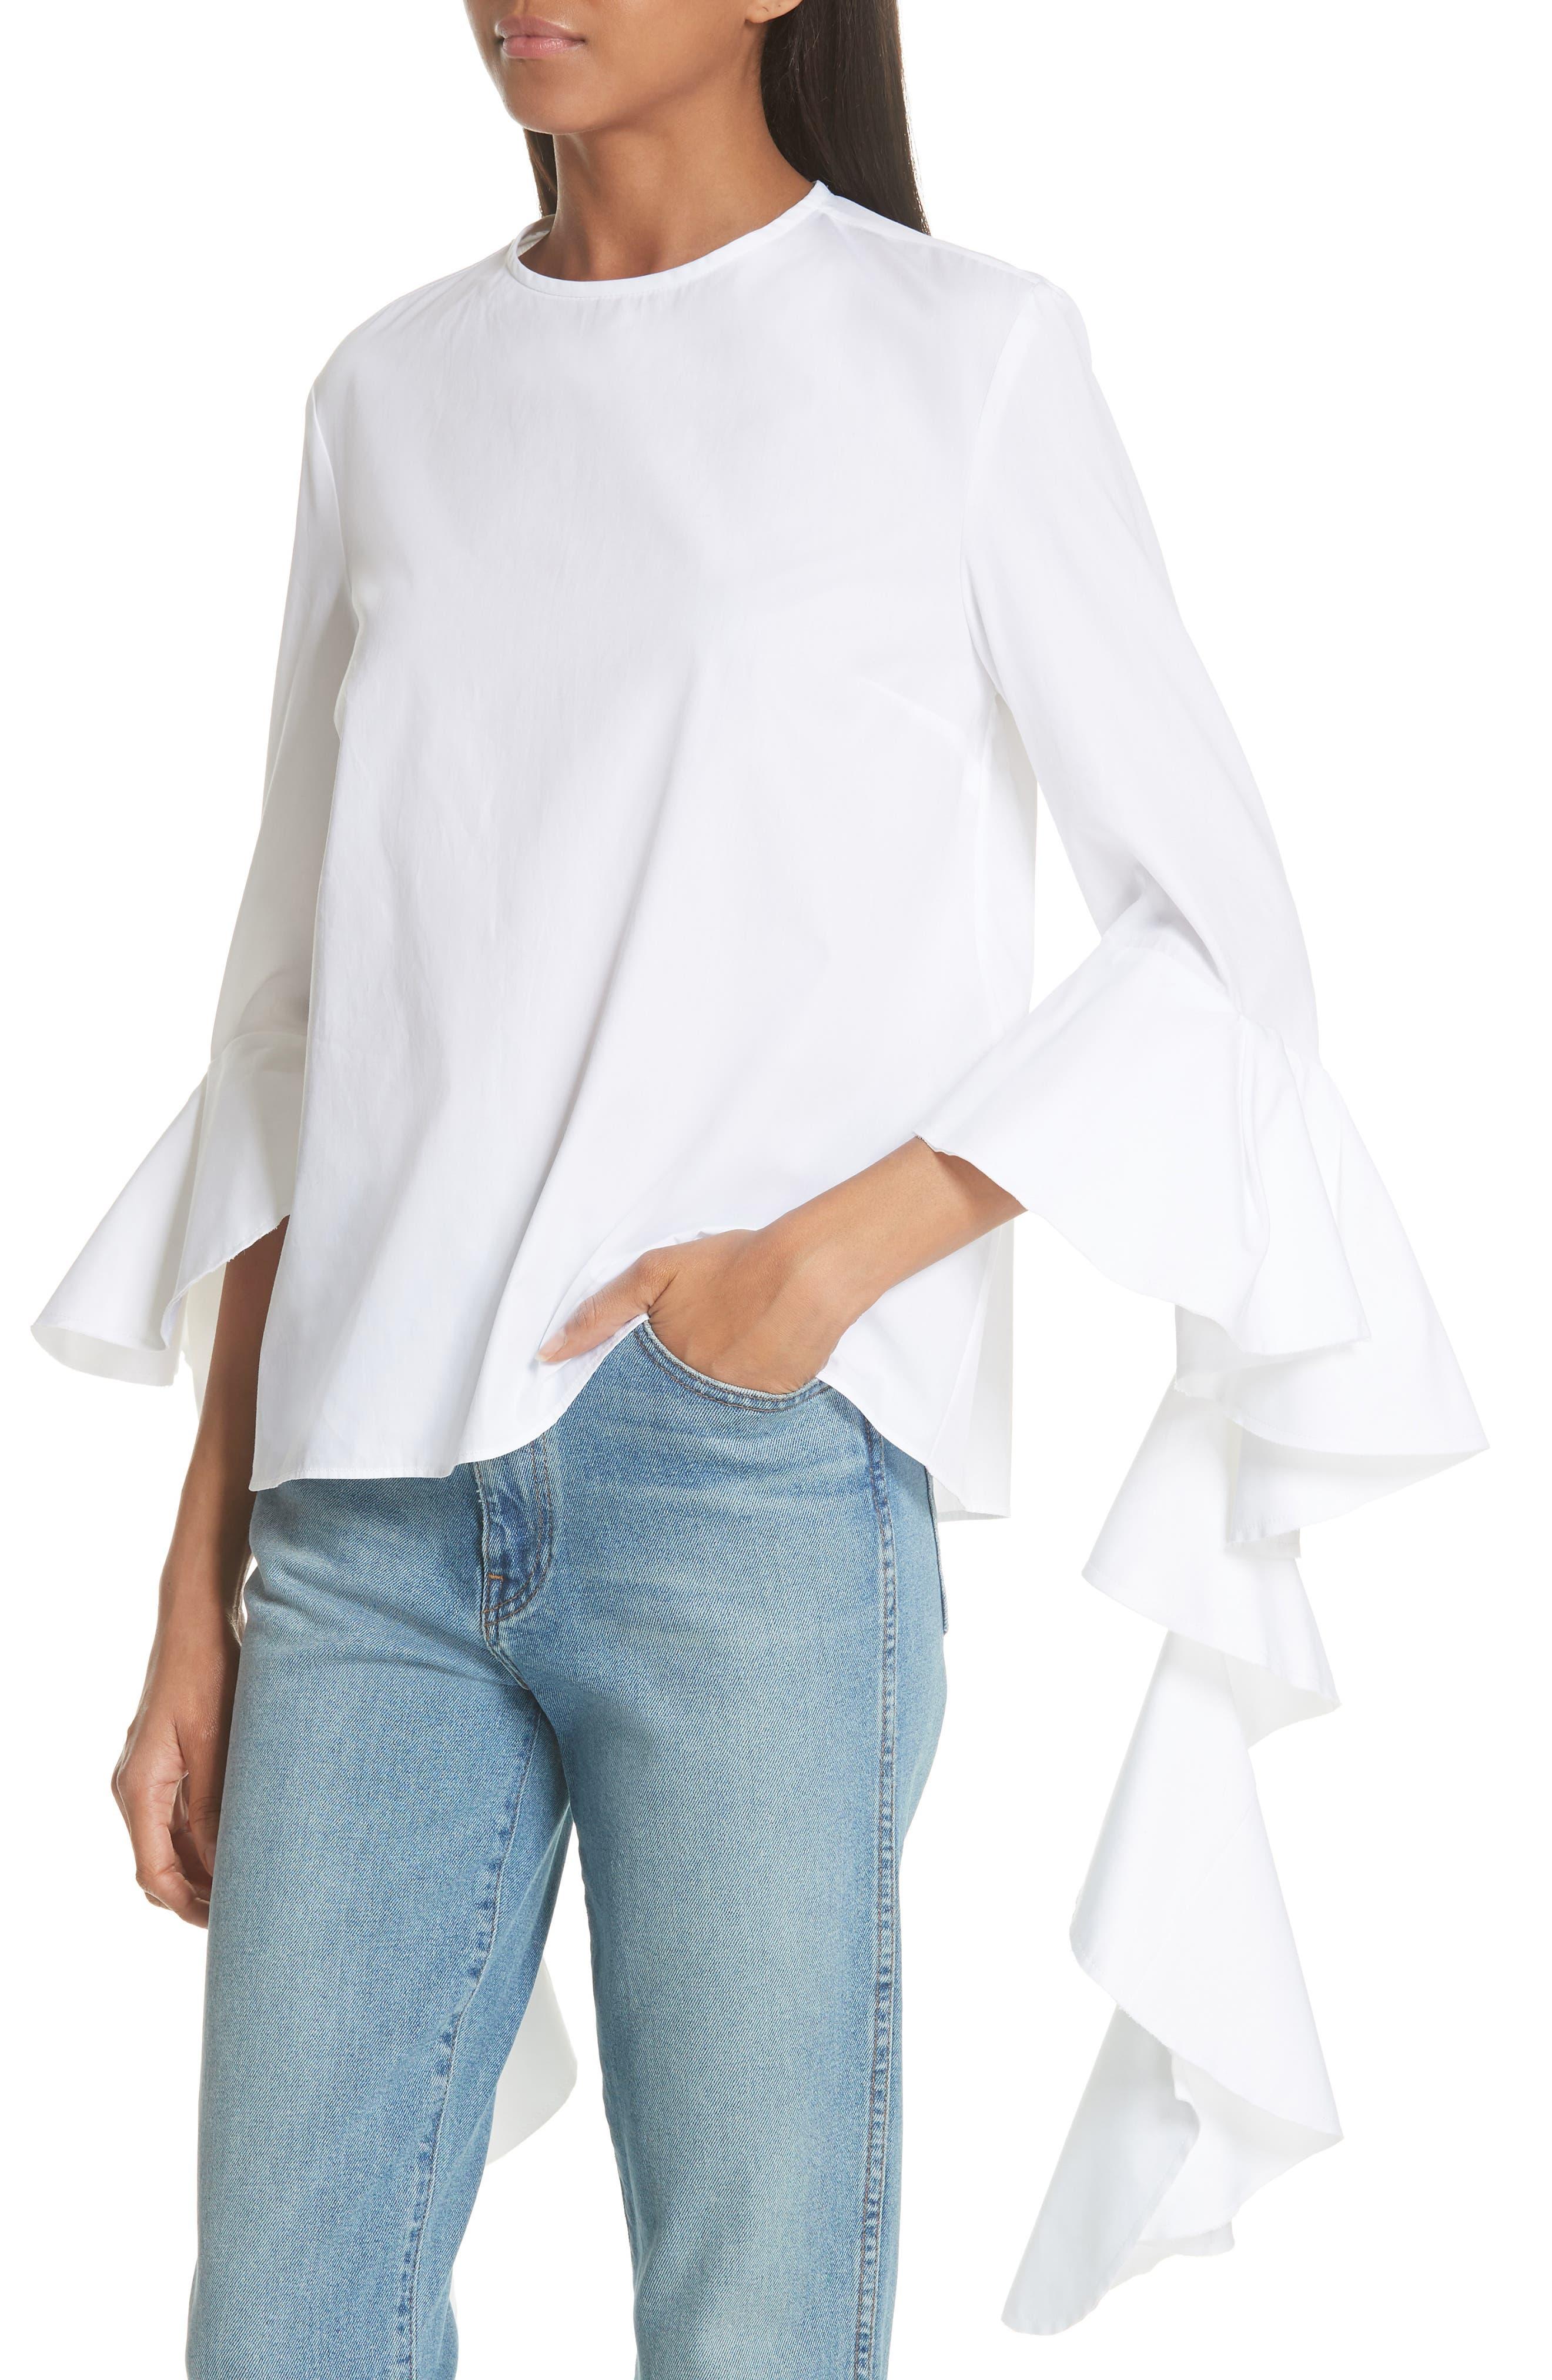 Emmeline Frill Sleeve Top,                             Alternate thumbnail 4, color,                             White